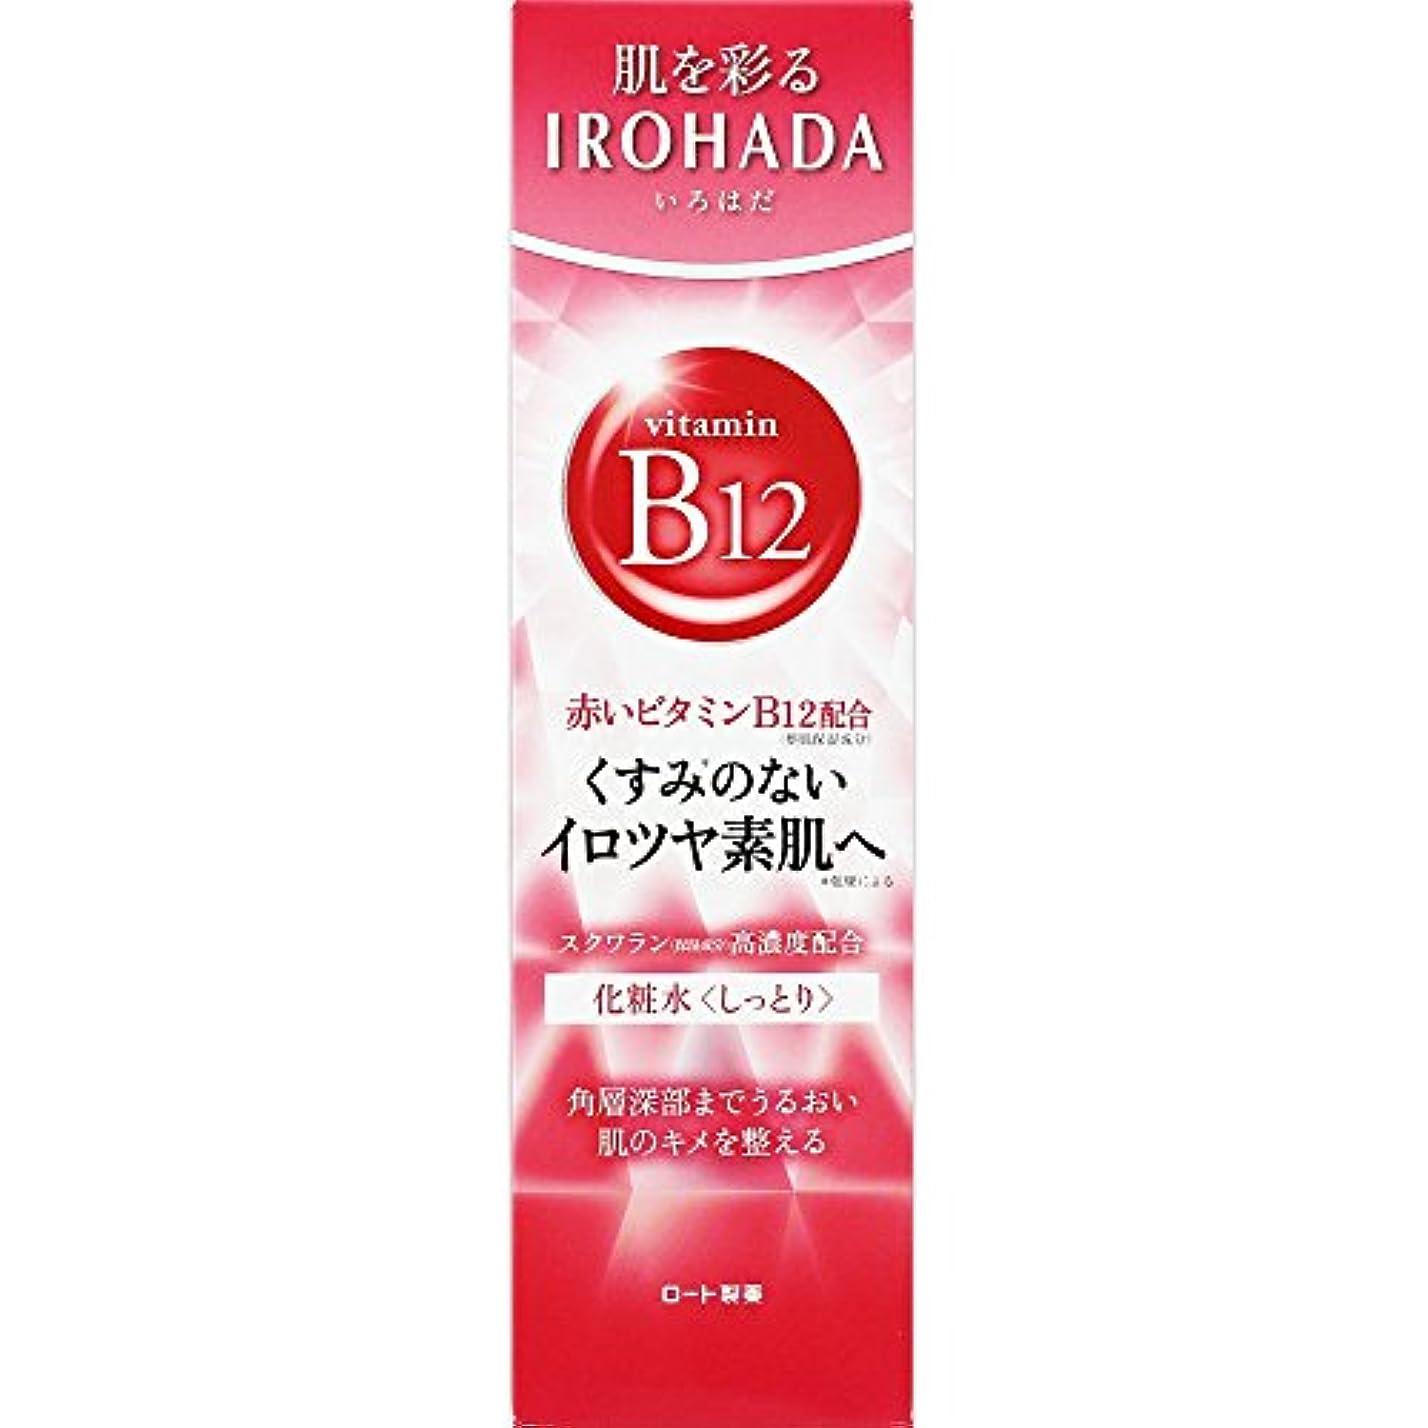 話染色統合ロート製薬 いろはだ (IROHADA) 赤いビタミンB12×スクワラン配合 化粧水しっとり 160ml